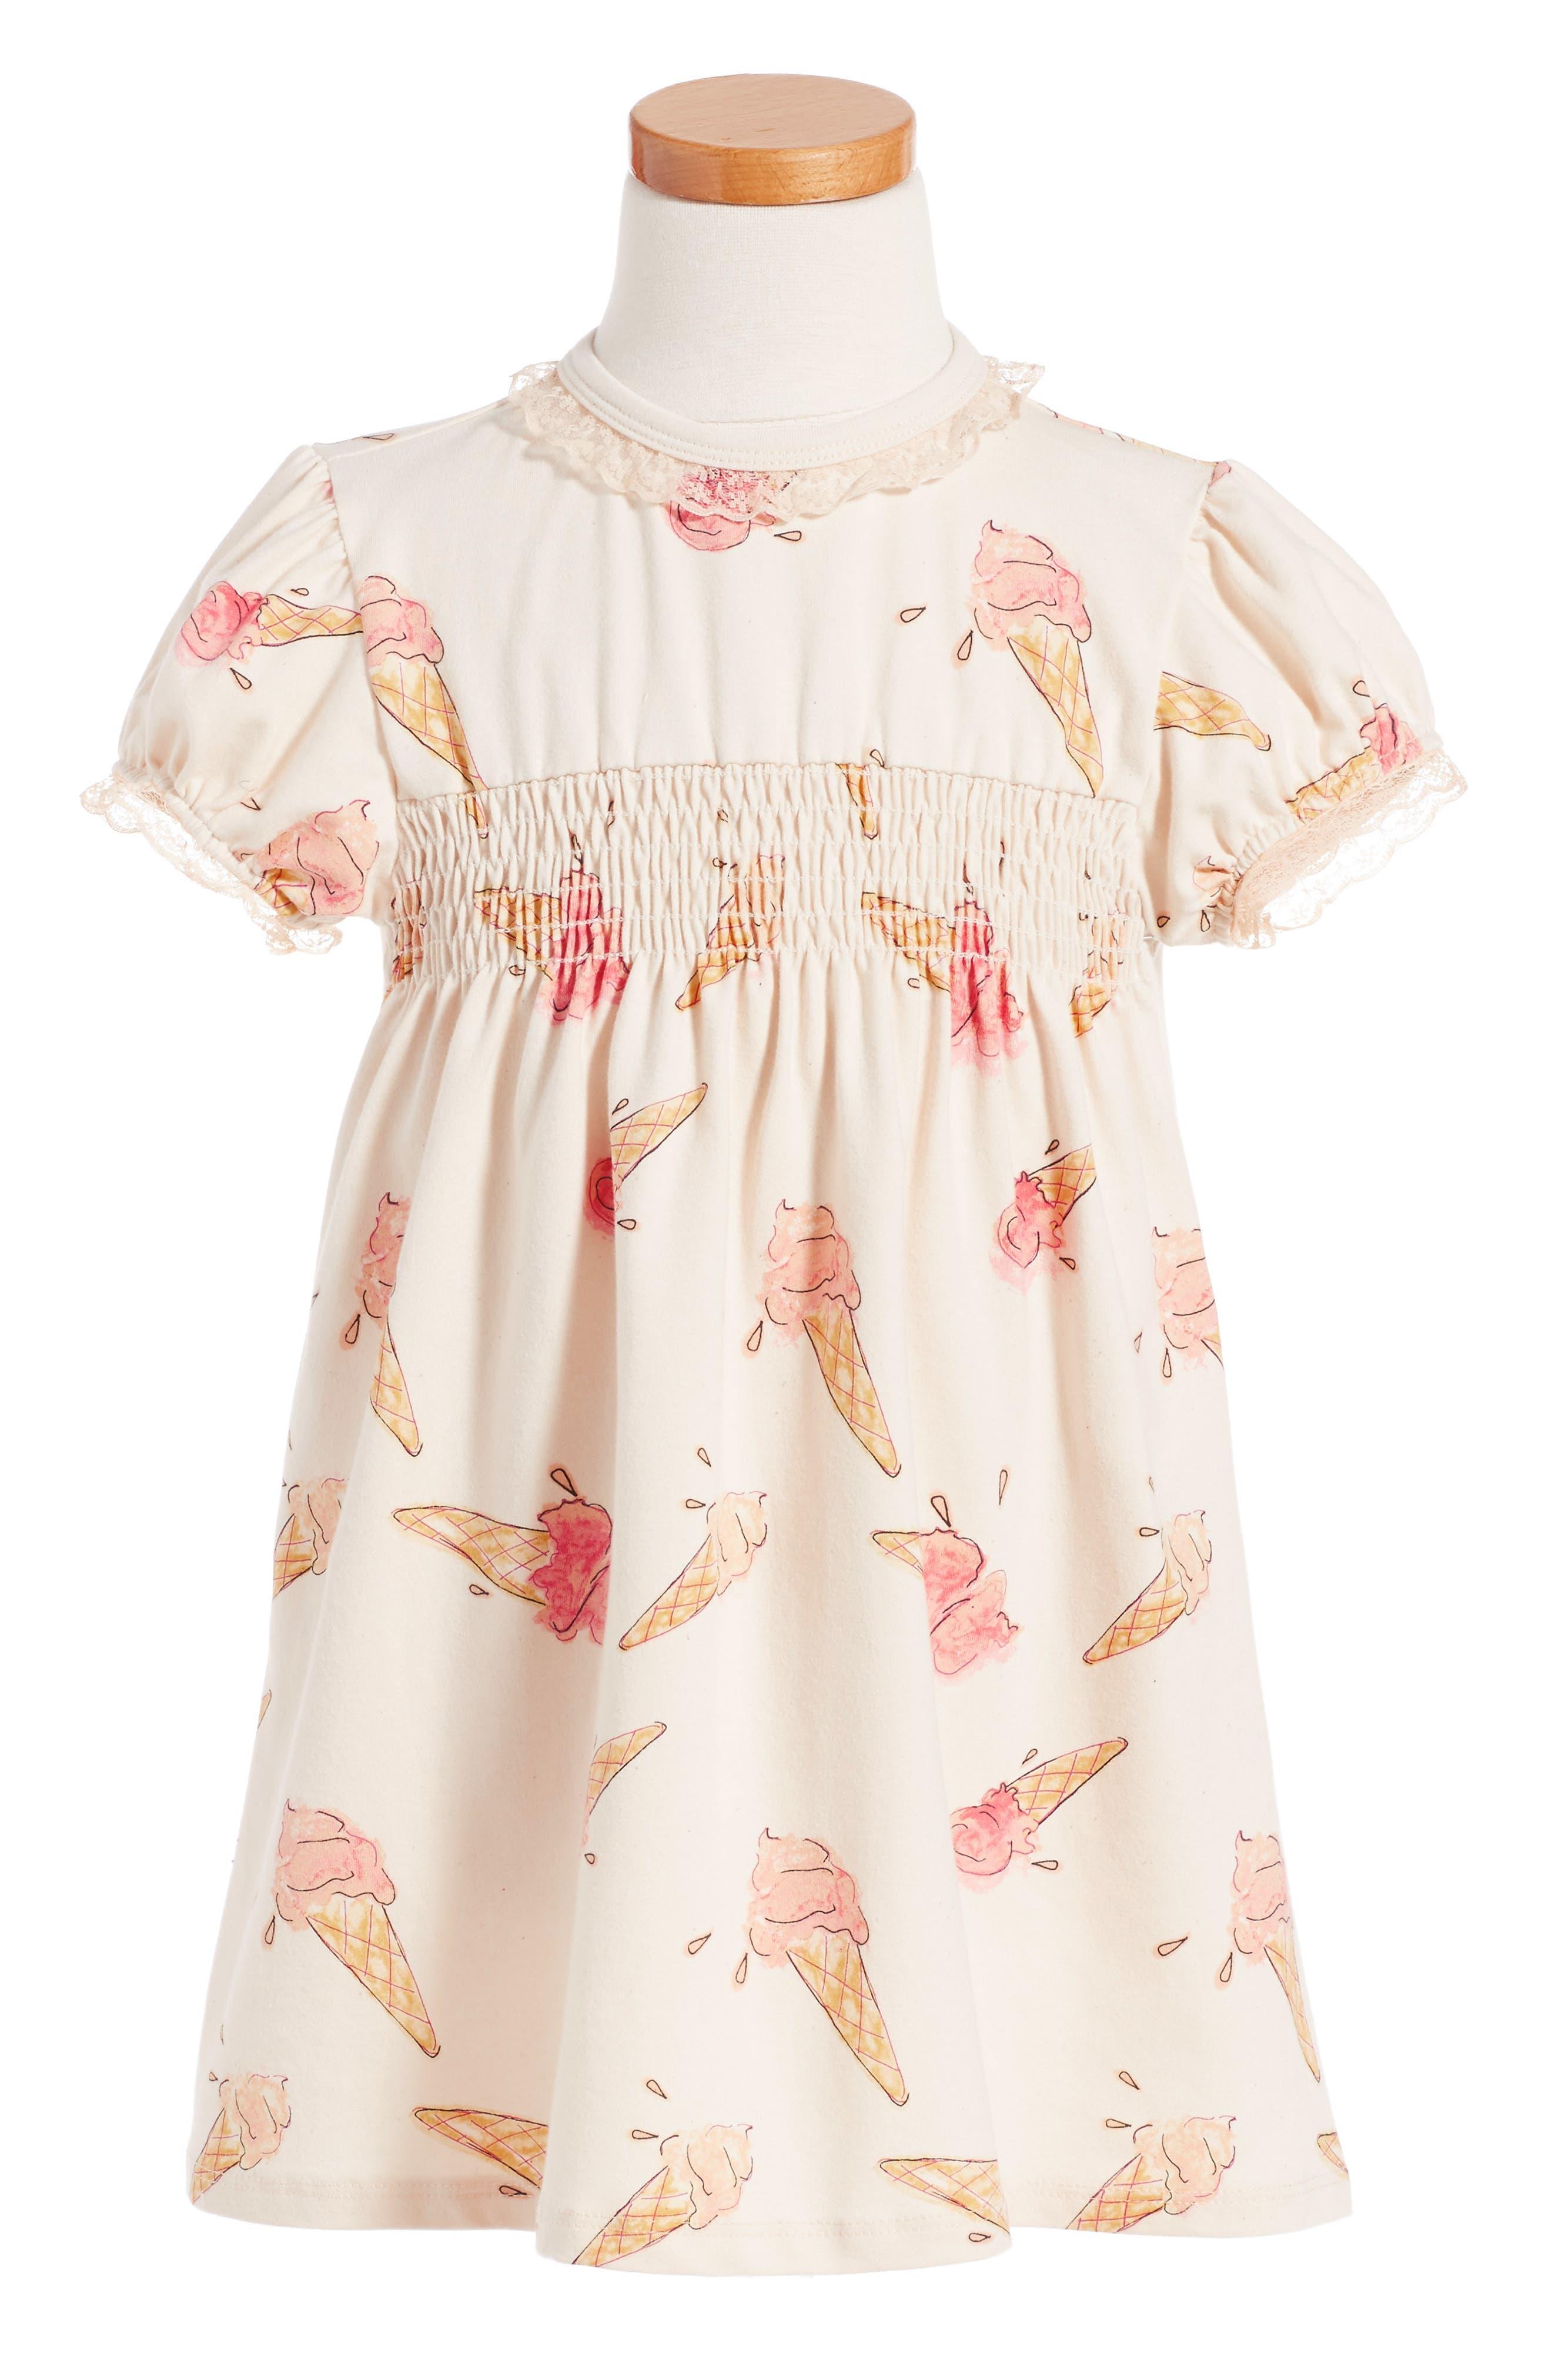 Main Image - For Love & Lemons Ice Cream Print Dress (Toddler Girls & Little Girls)